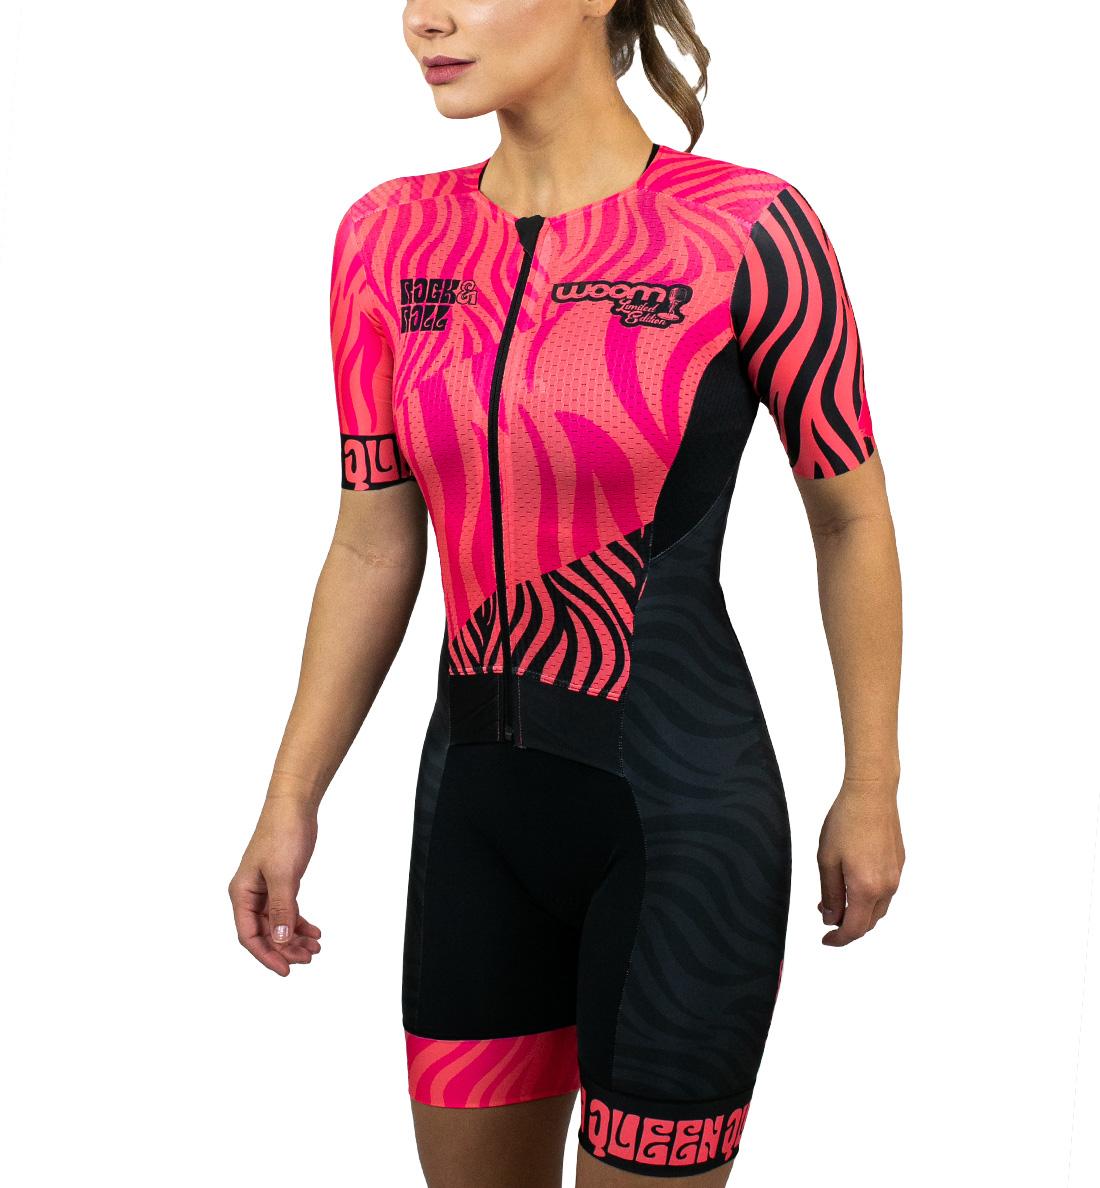 Macaquinho Triathlon Ed. Limitada Rock Queen Fem - 2021